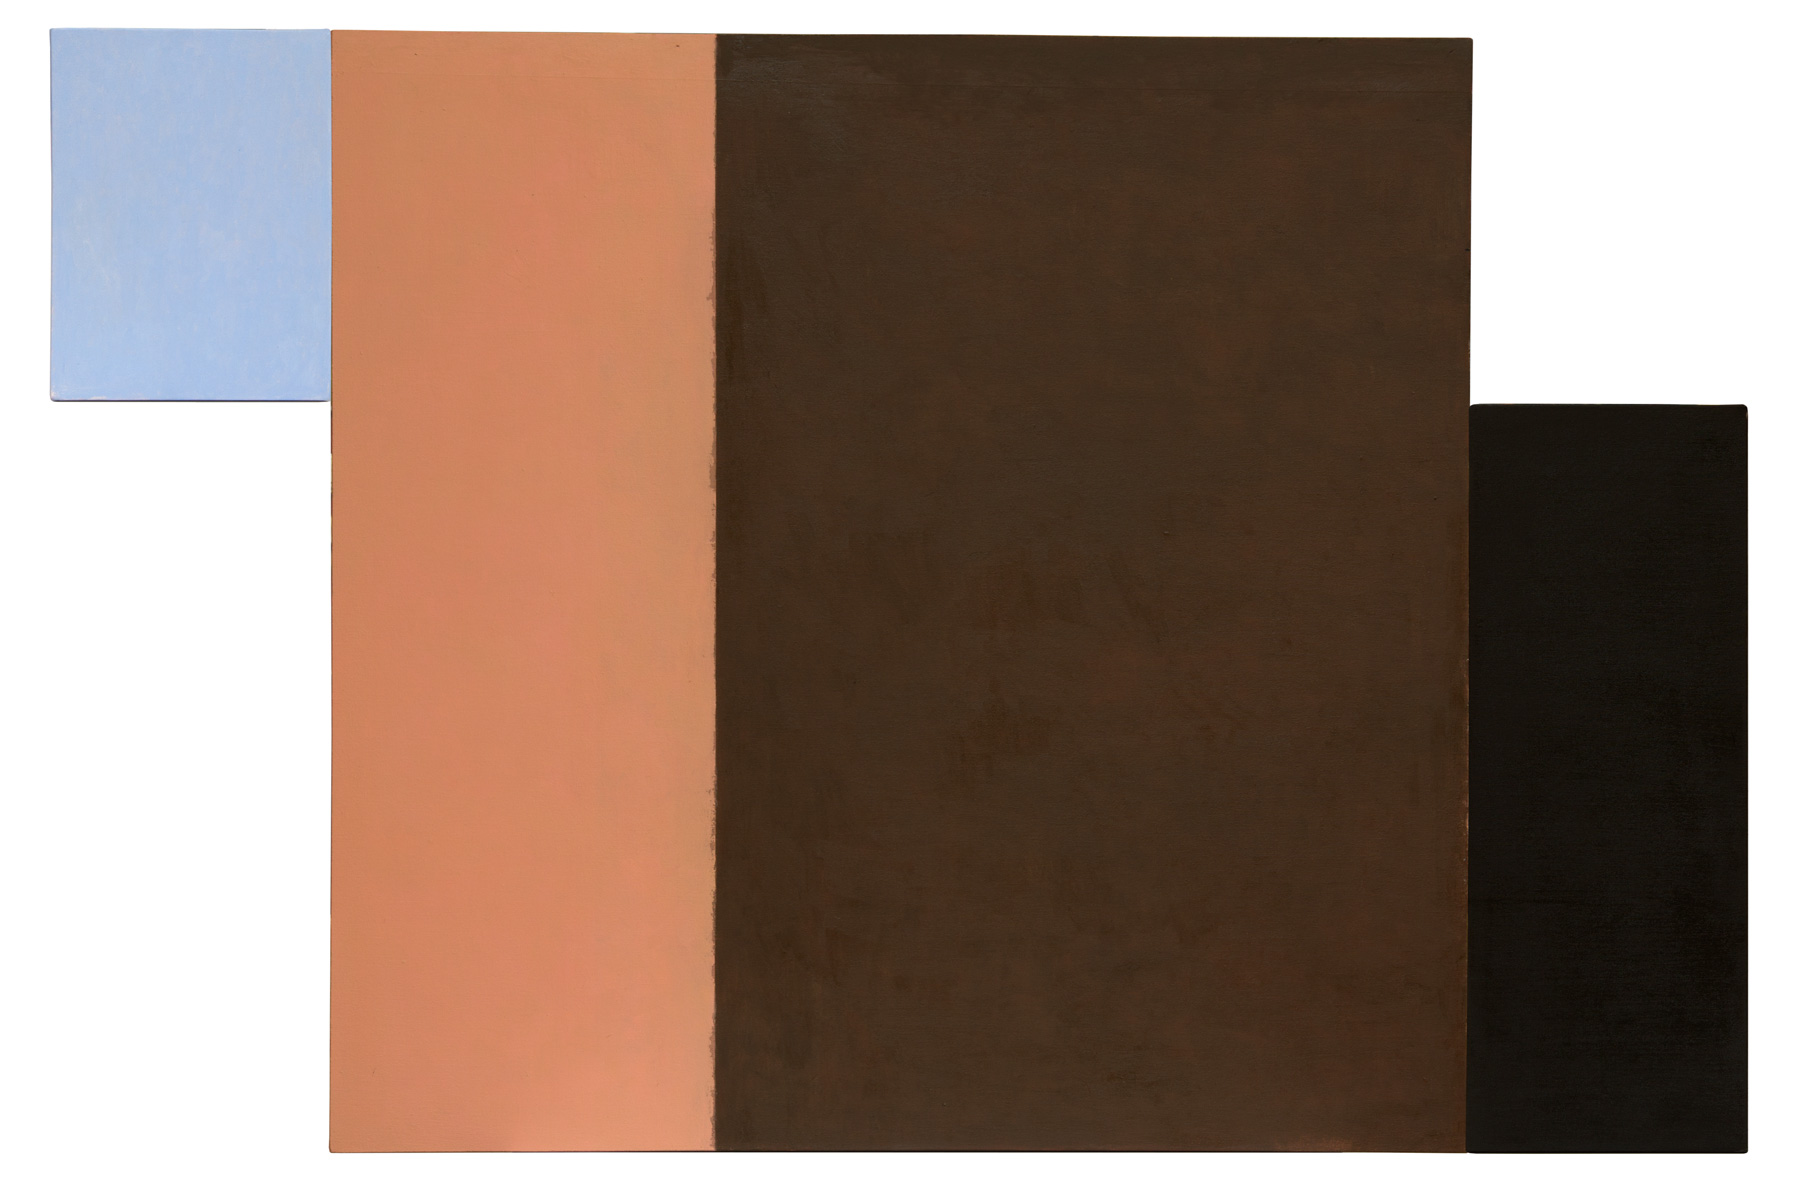 Dialogo 12, oleo sobre lienzo, 100 x 152 cms